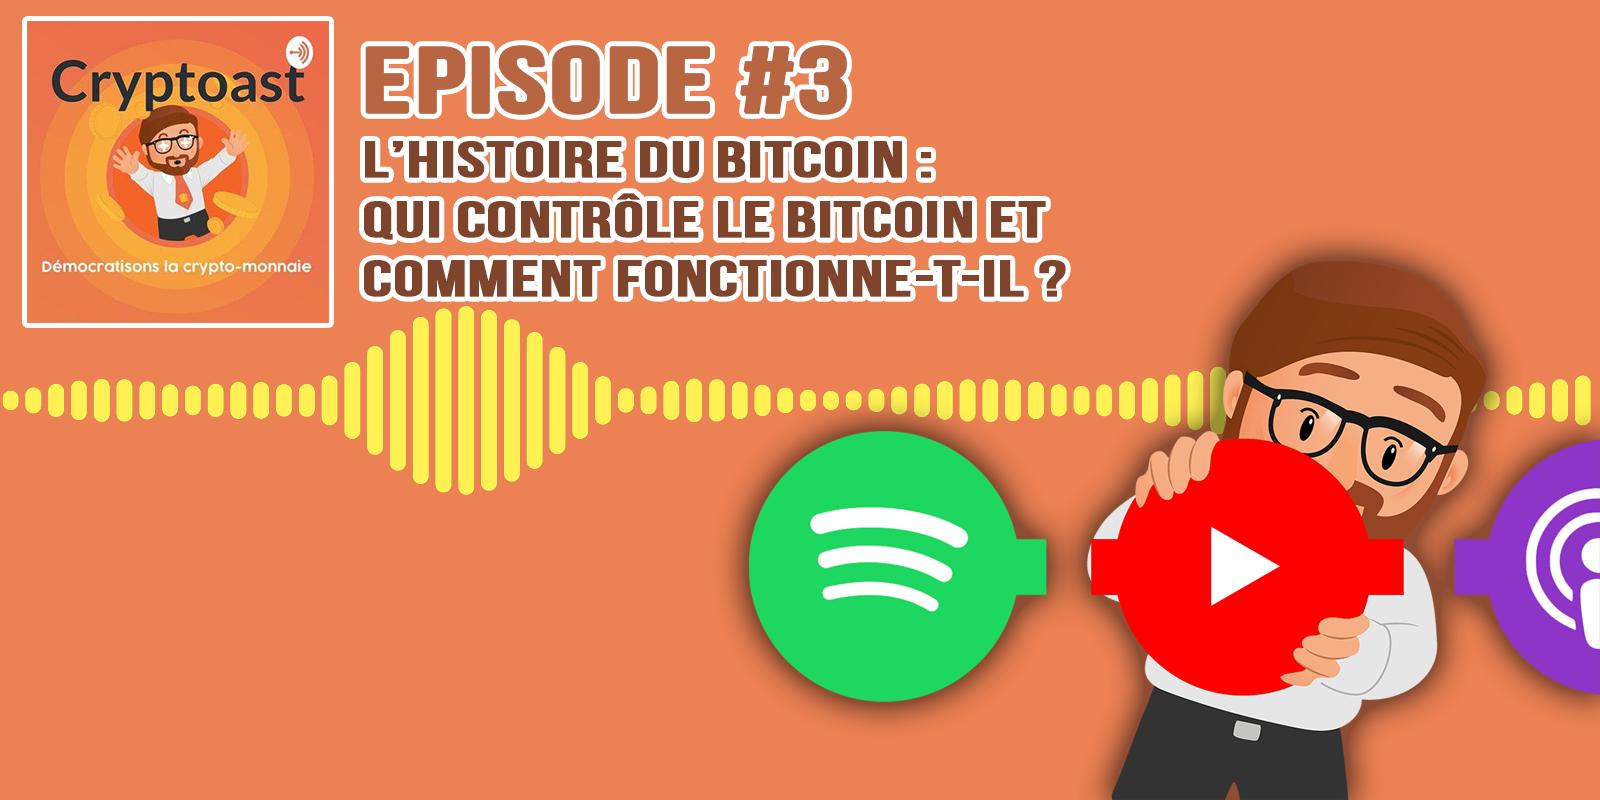 Podcast #3 - Qui contrôle le Bitcoin et comment fonctionne-t-il ?